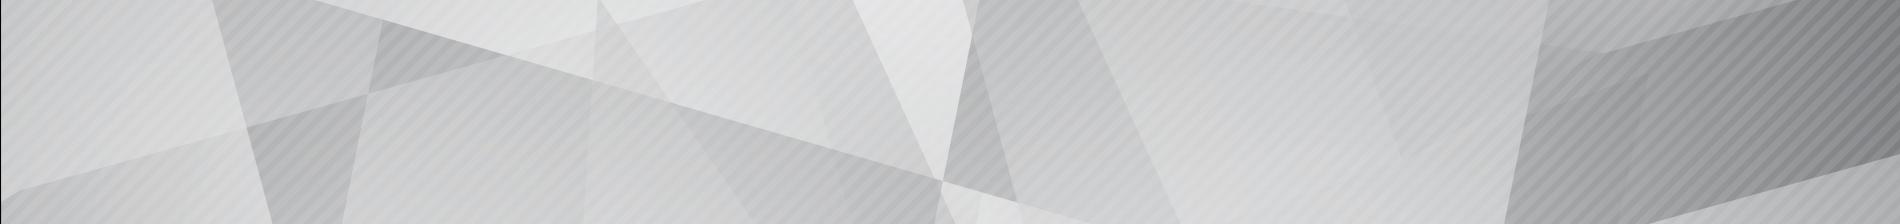 1ª ETAPA FORD MODELS RUN - Imagem de topo